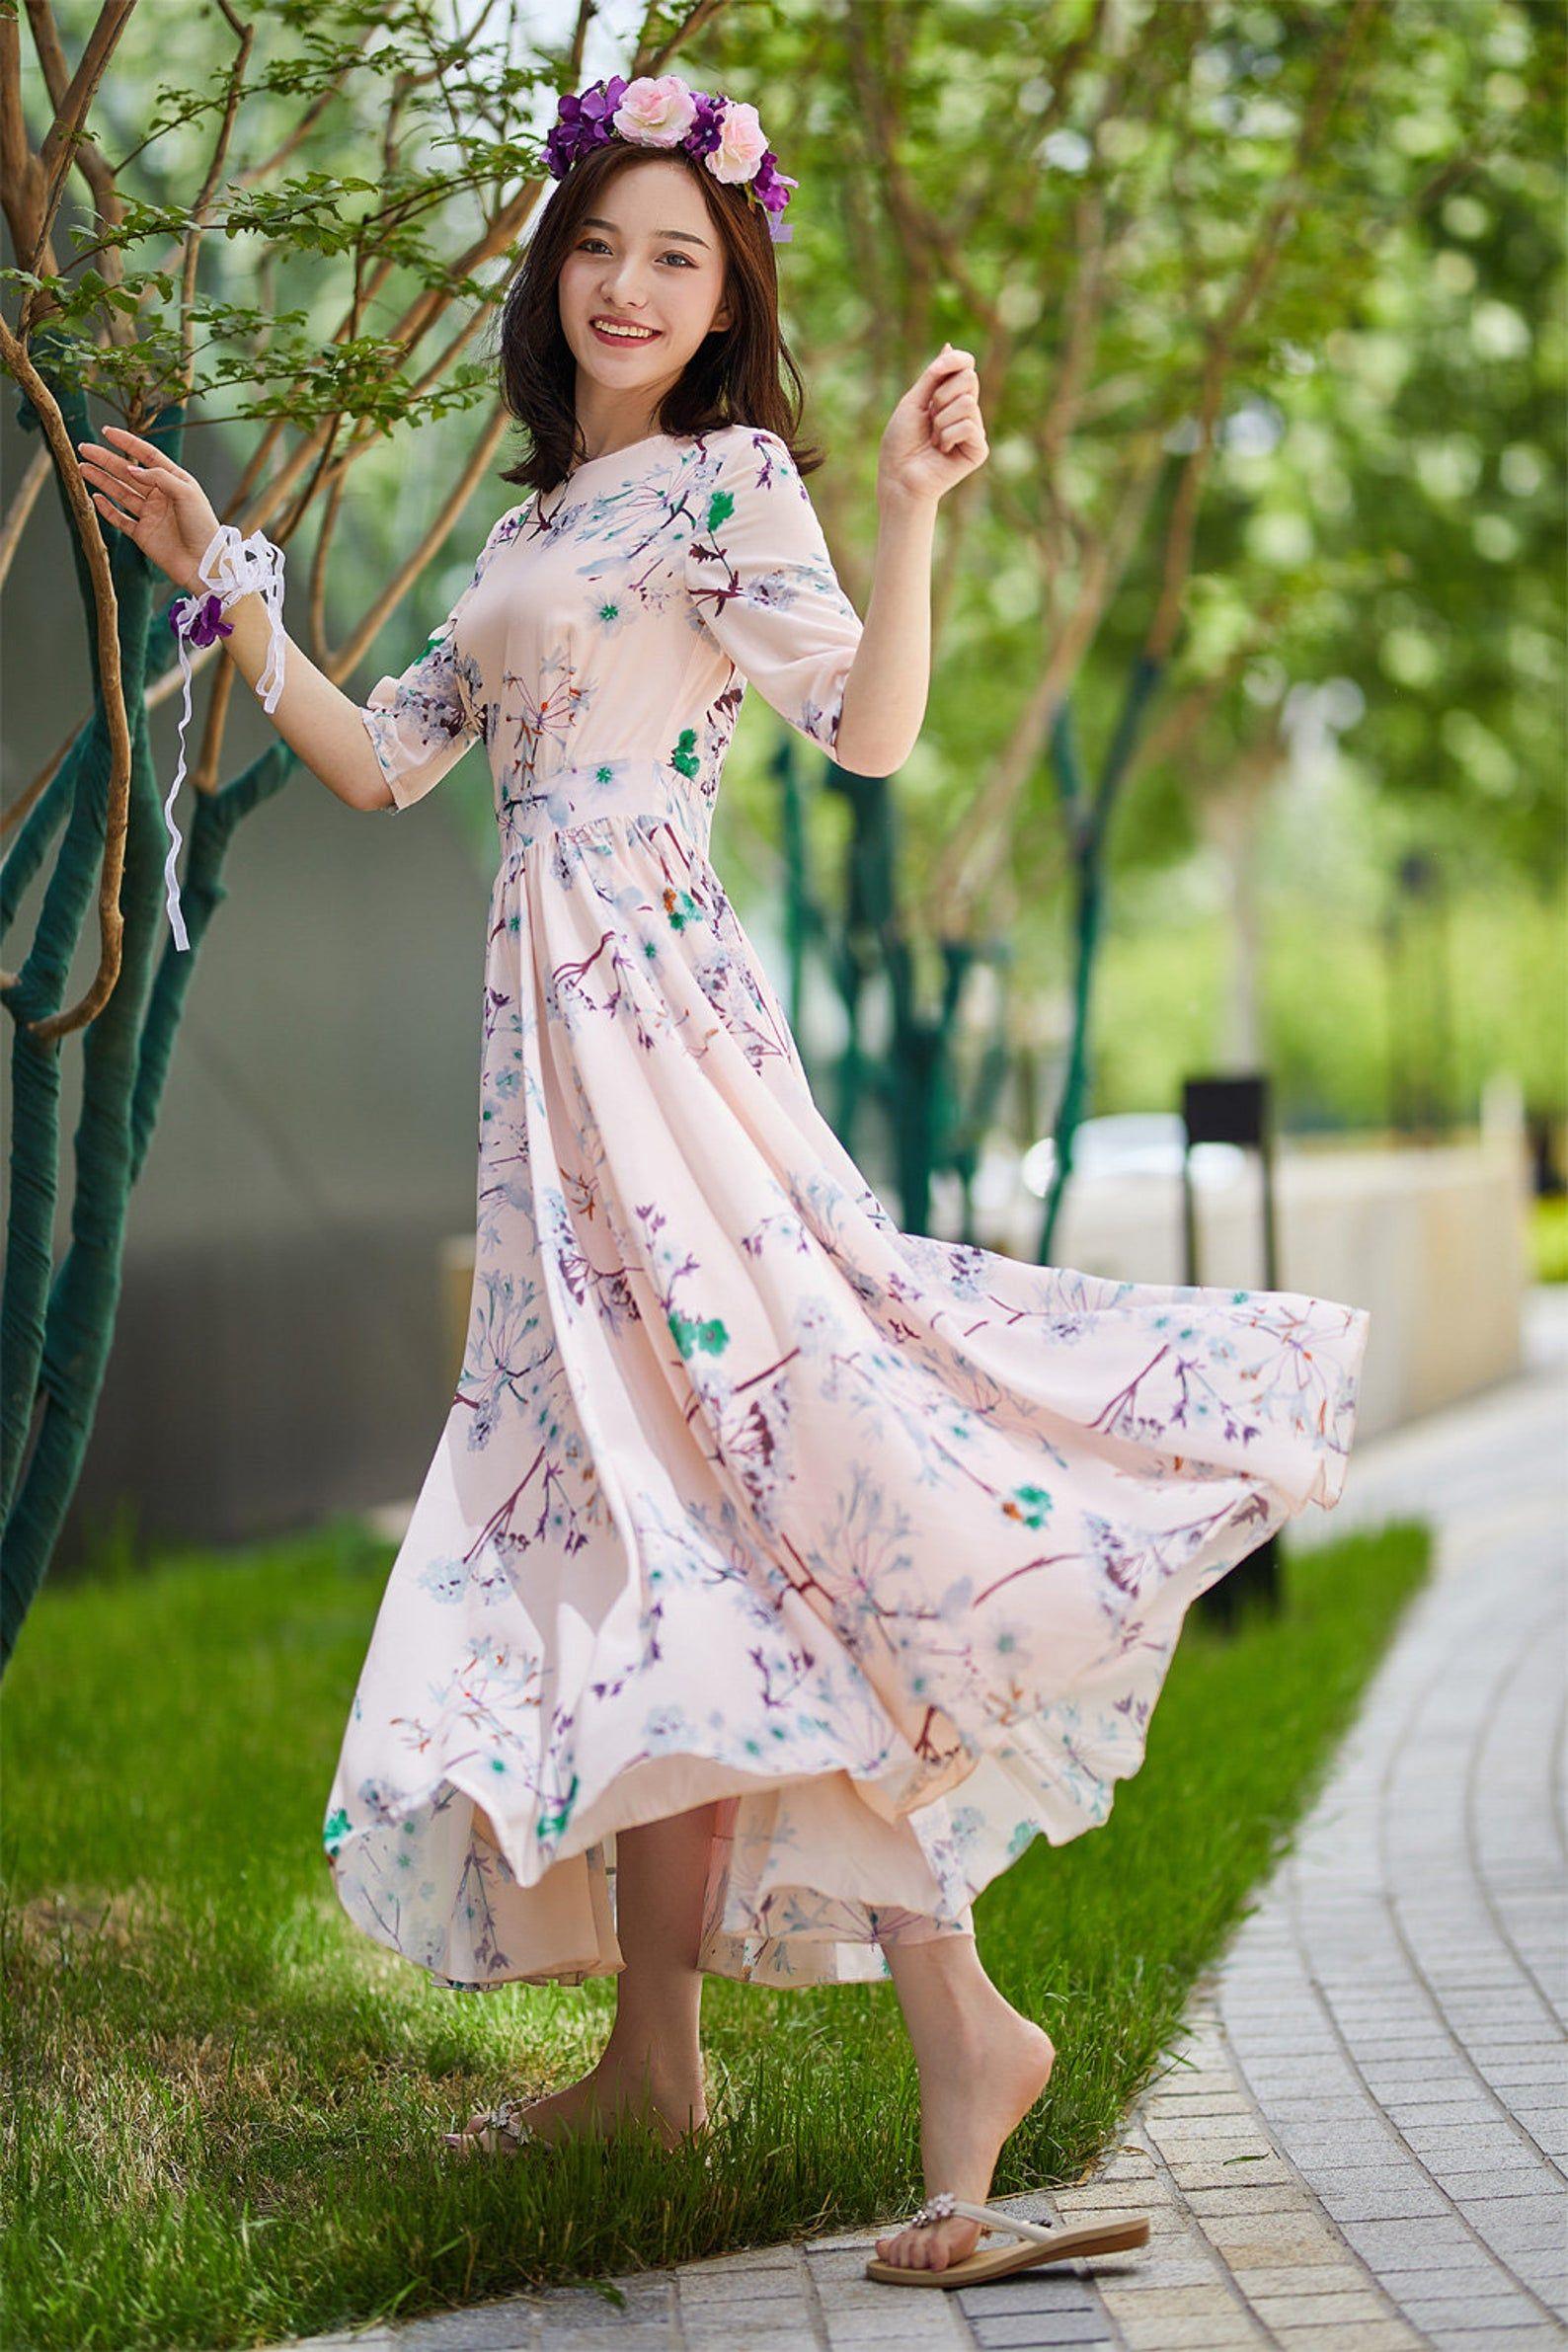 Chiffon Dress Long Flower Dress Women Summer Dress Prom Etsy Chiffon Dress Long Floral Chiffon Dress Flower Dress Women [ 2382 x 1588 Pixel ]